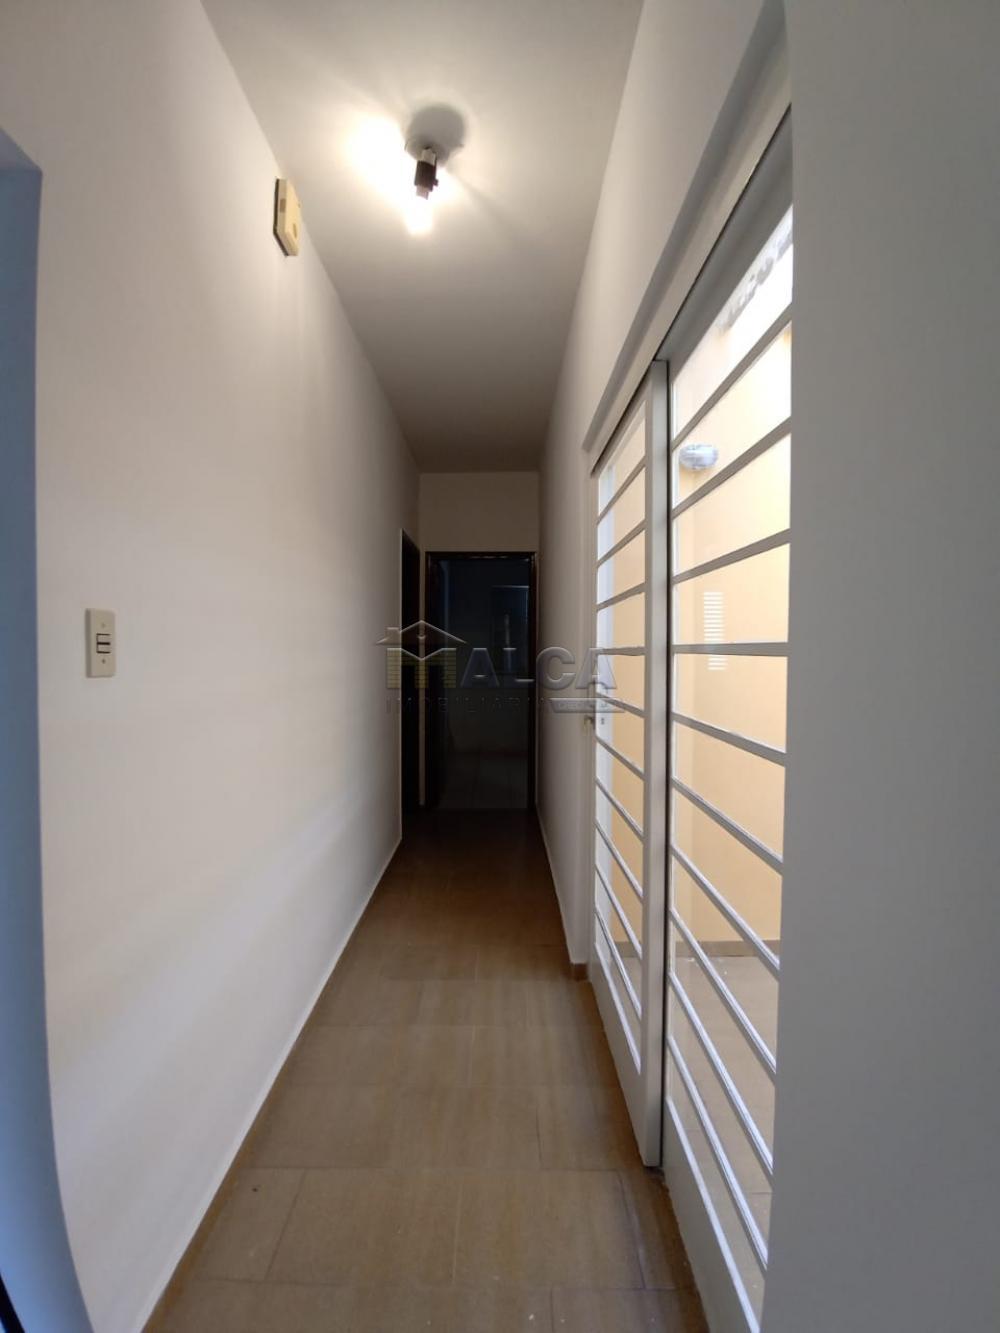 Alugar Casas / Padrão em São José do Rio Pardo apenas R$ 1.500,00 - Foto 8